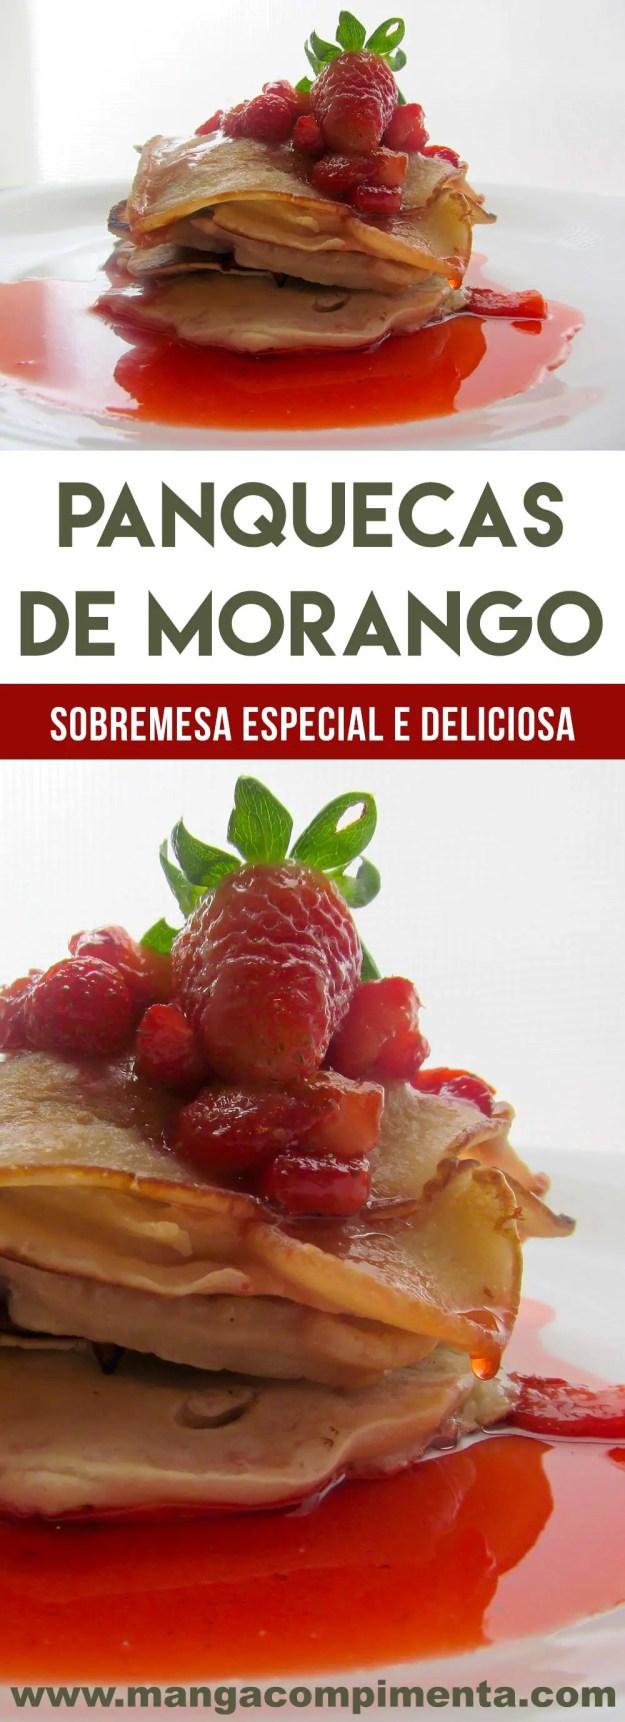 Panquecas de Morango   prepare um doce delicioso para as pessoas que você mais ama.